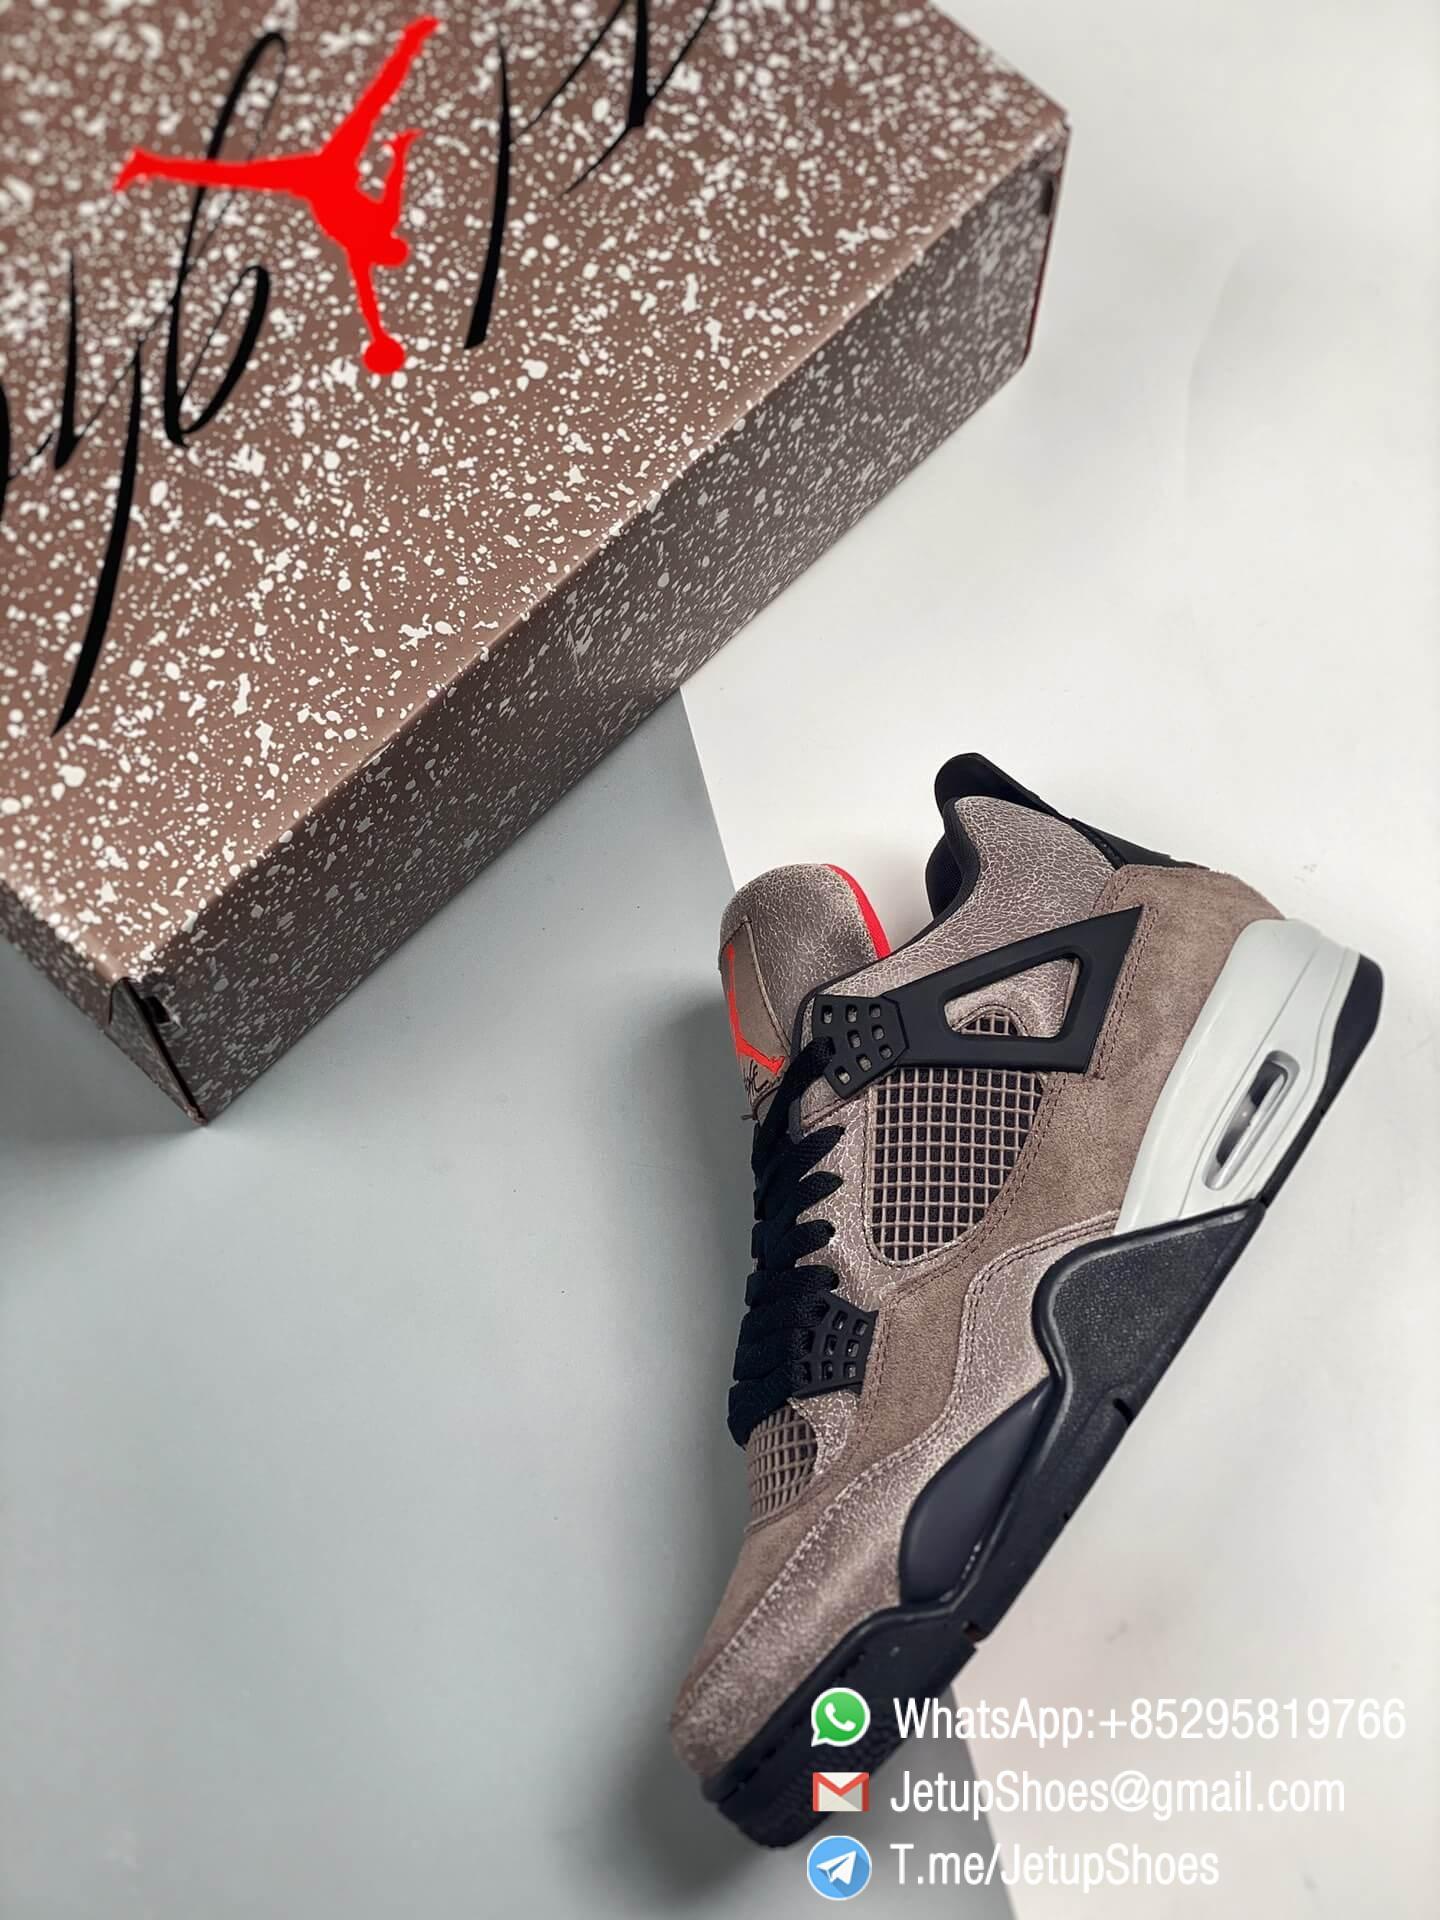 Repsneakers Air Jordan 4 Retro Taupe Haze DB0732 200 Best Replica Sneakers 09